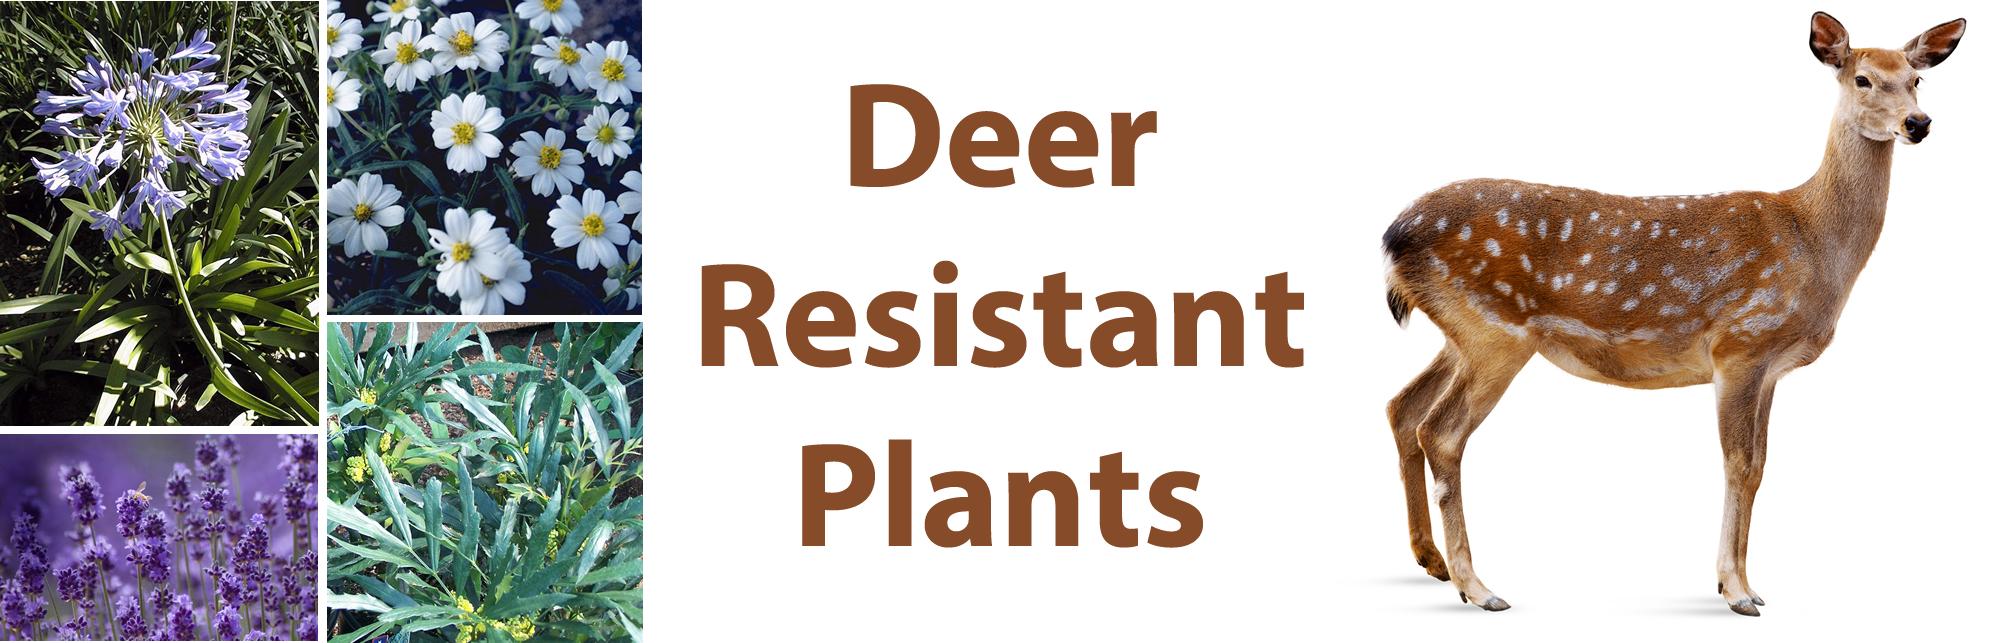 deerheader.fw.png